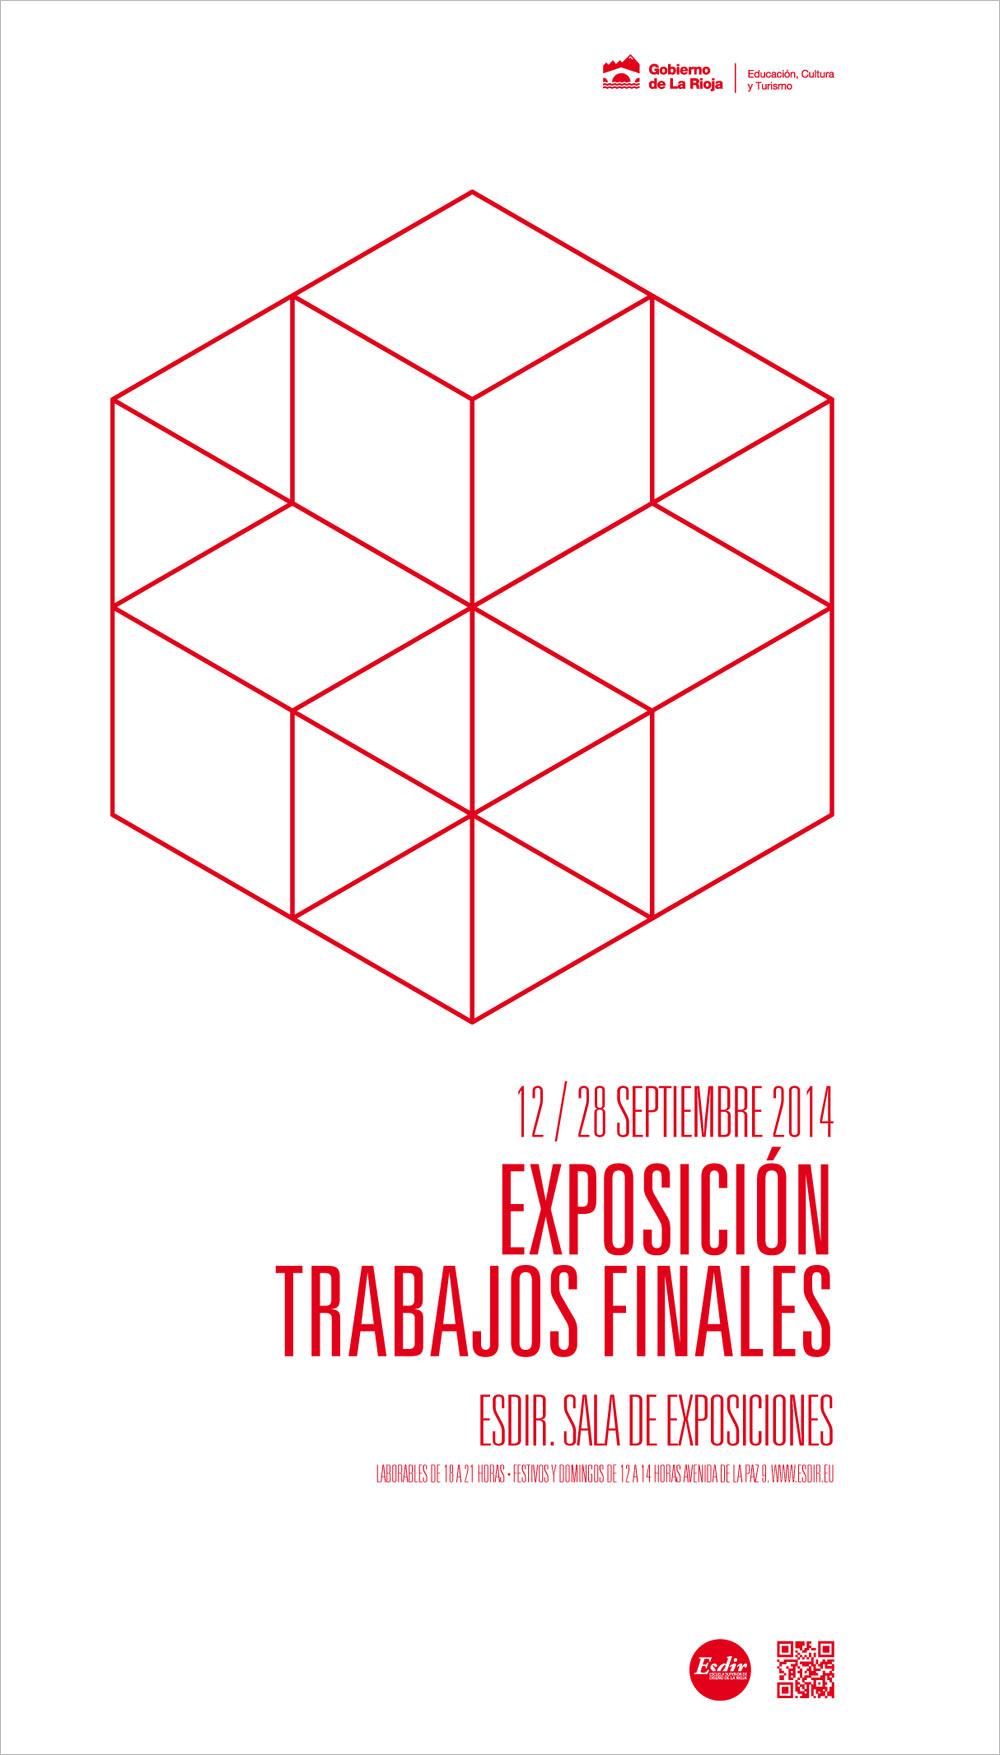 Exposición Trabajos Finales 14